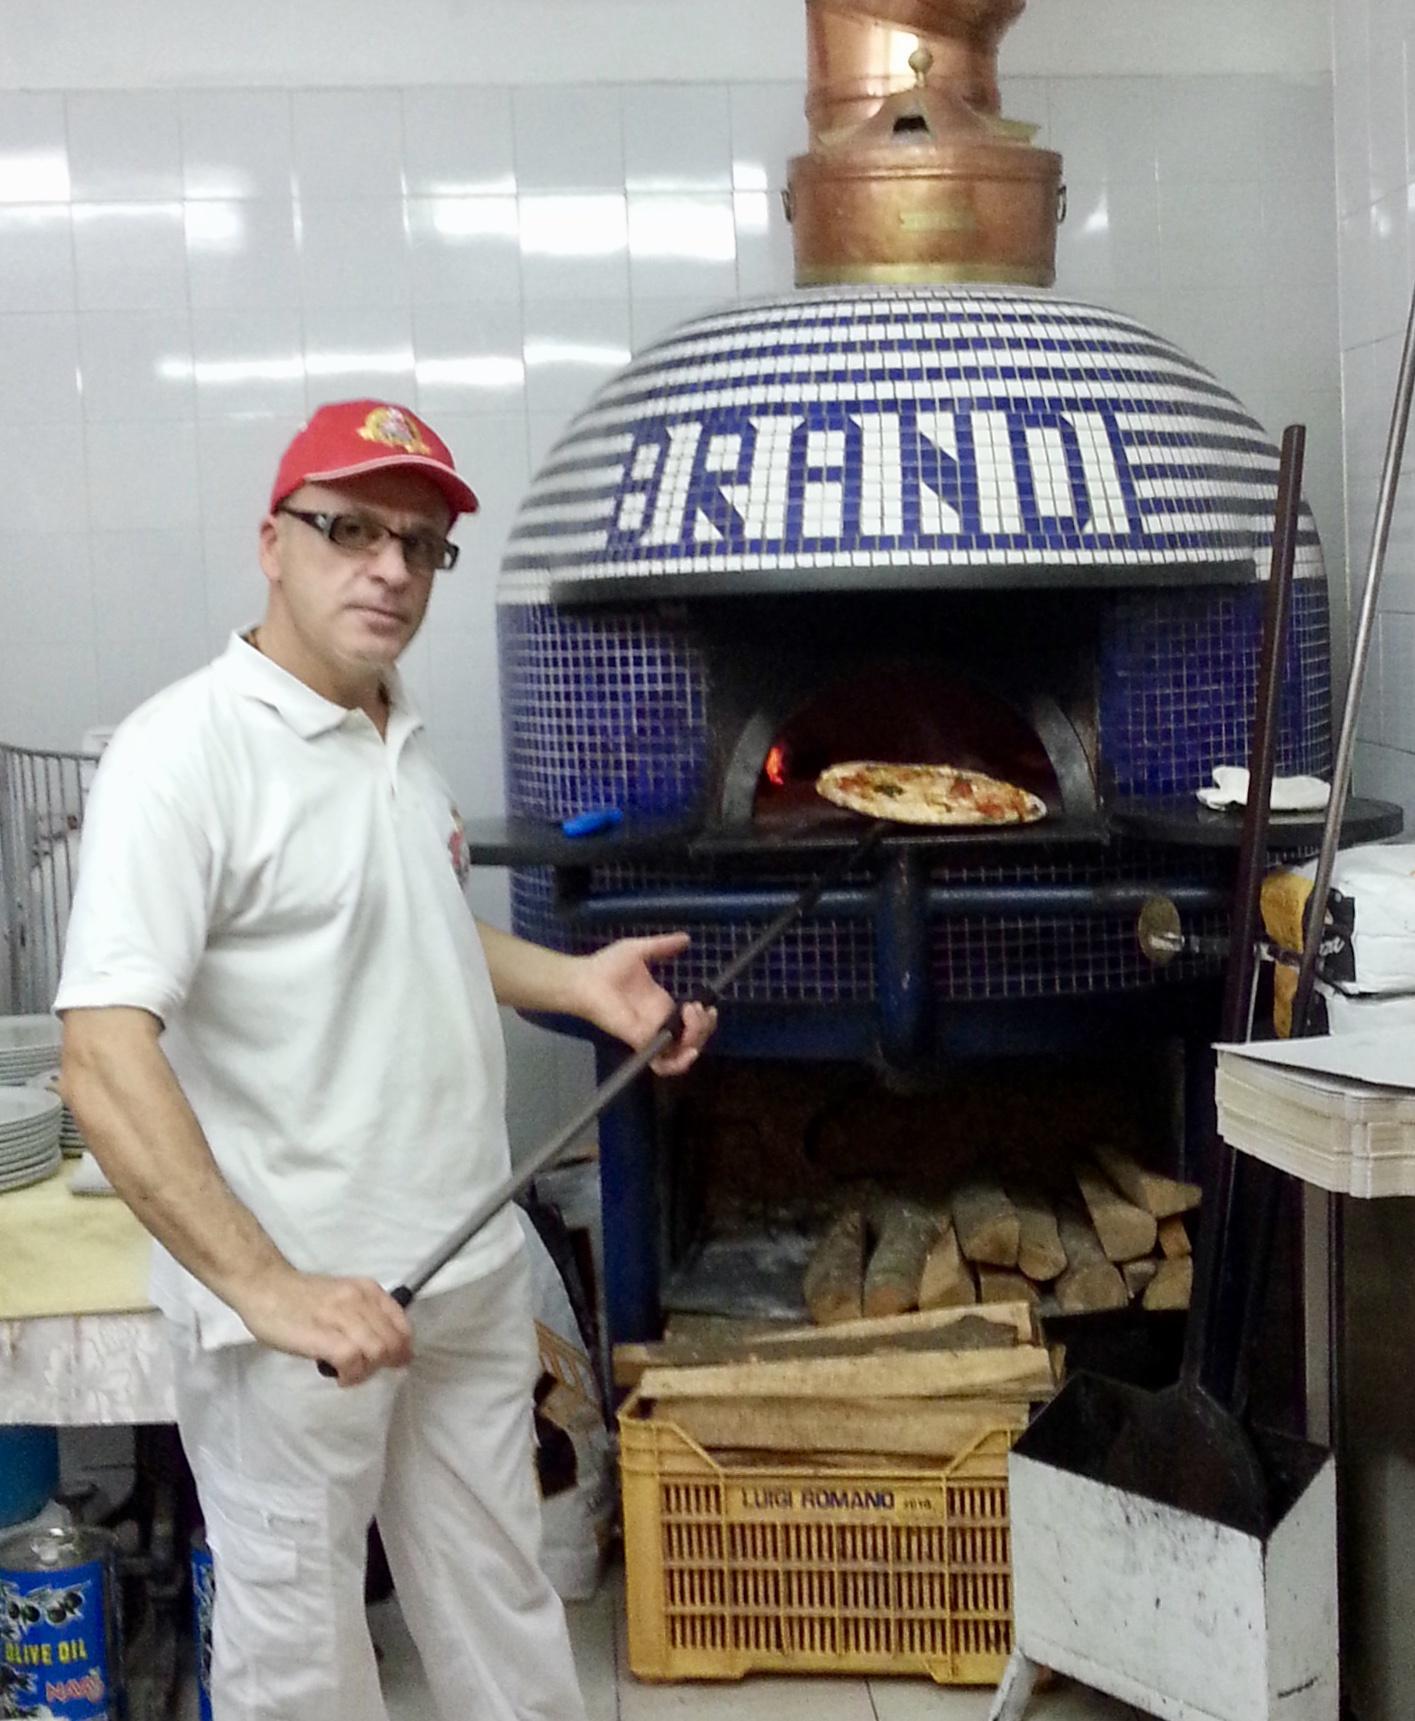 2018-07-12 Pizza! Pizza! Pizza!